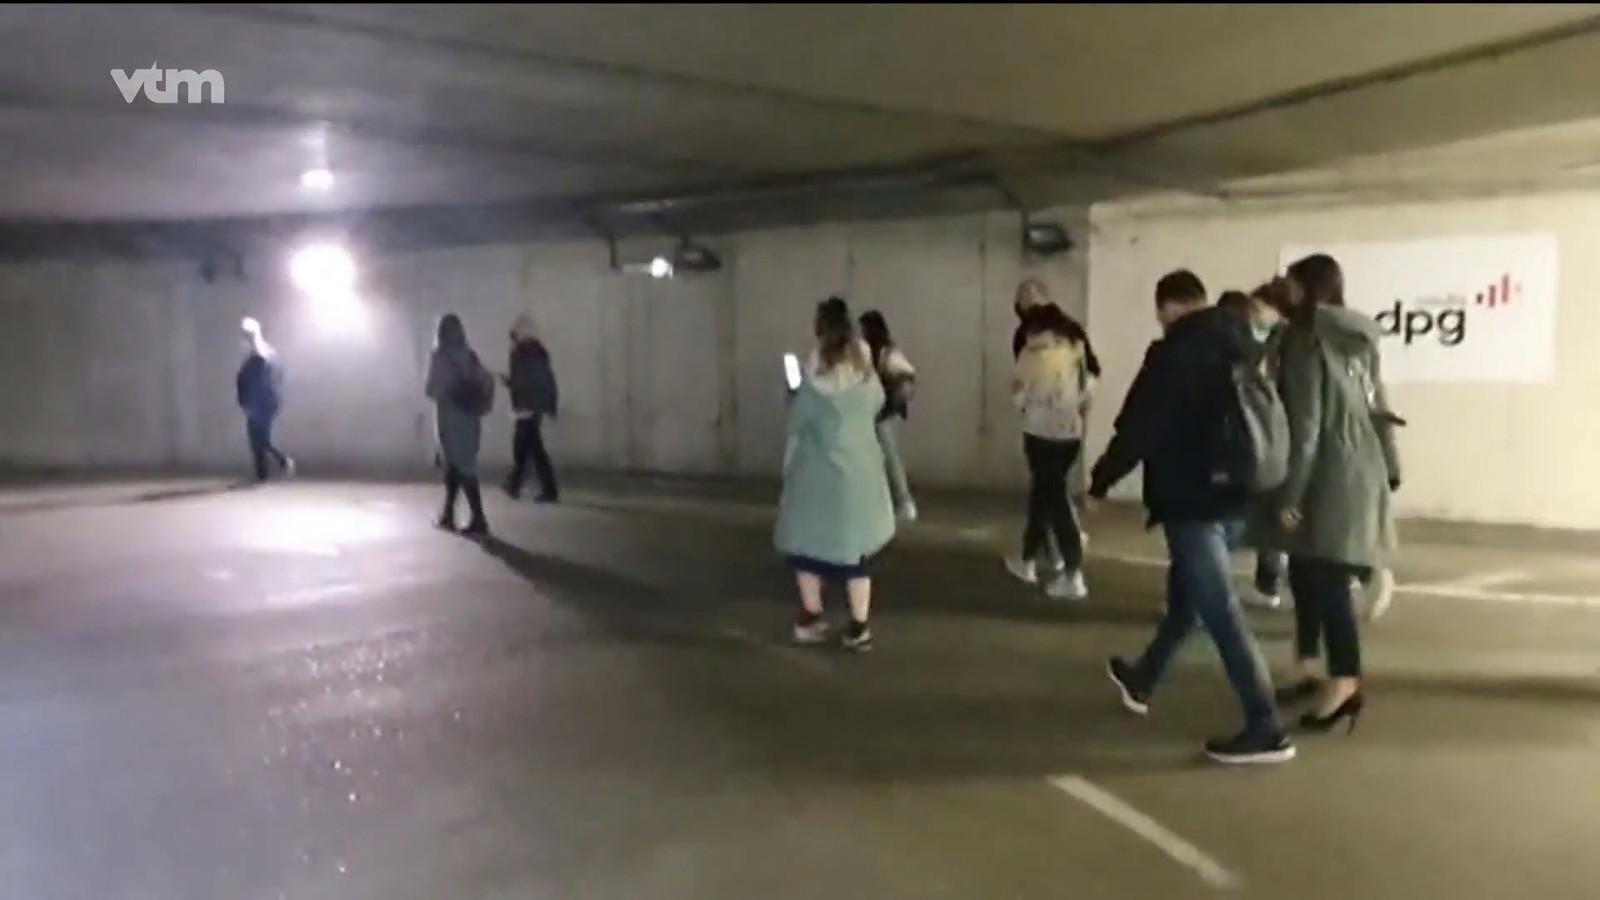 Gebouw in Antwerpen wordt weer vrijgegeven, werknemers kunnen weer naar binnen via de ondergrondse parking.